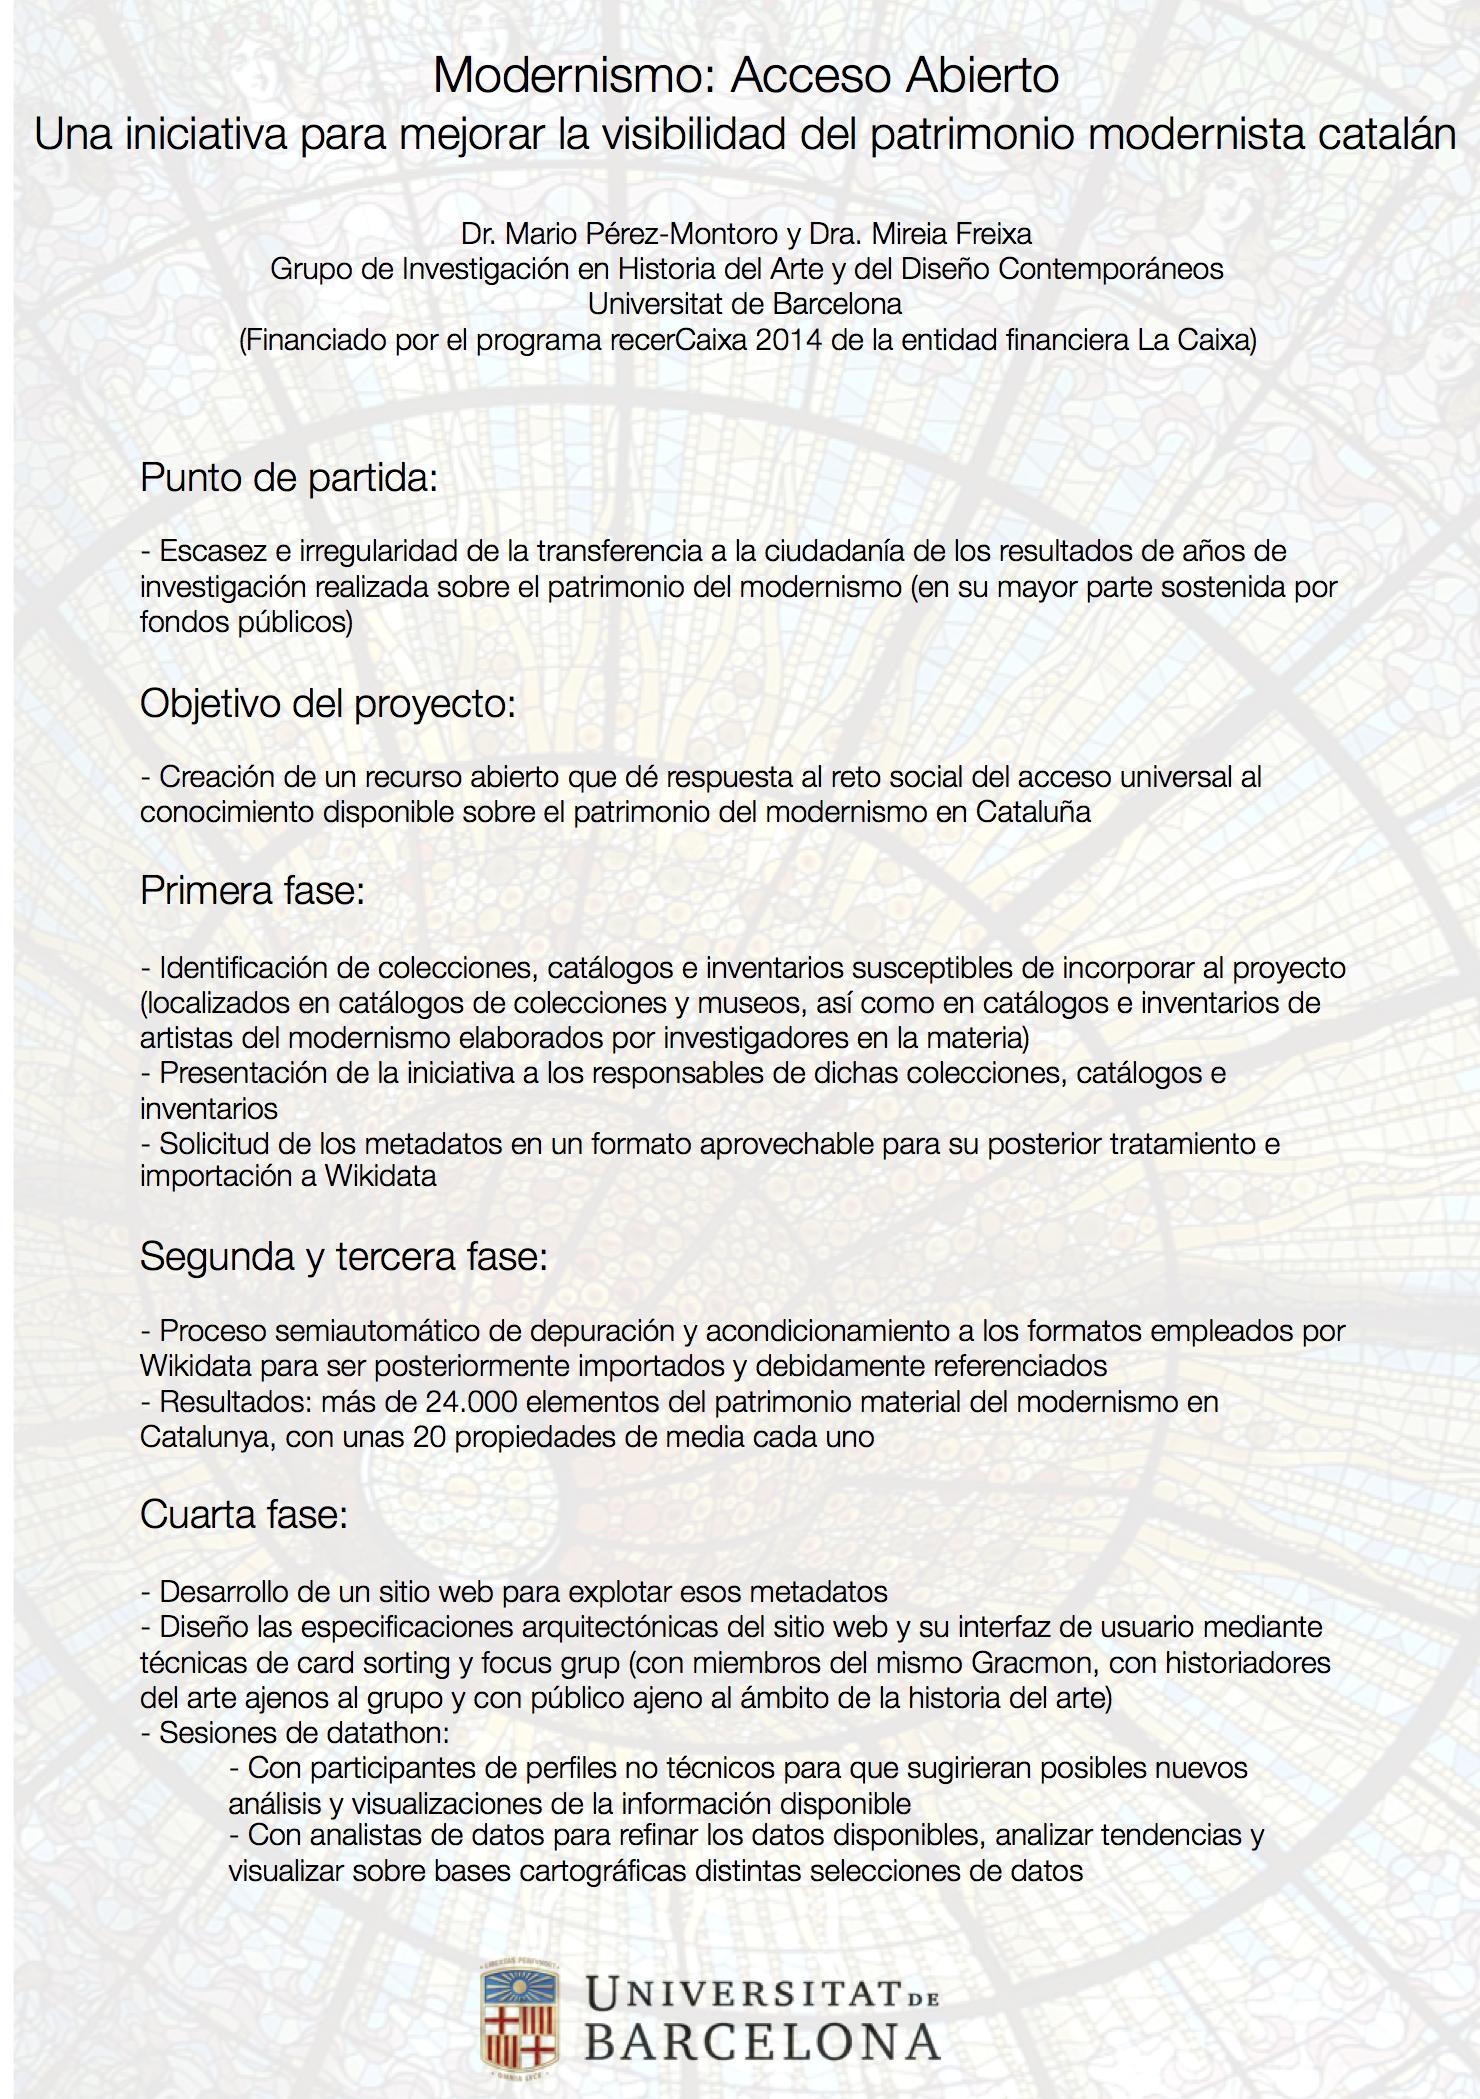 Modernismo: Acceso Abierto. Una iniciativa para mejorar la visibilidad del patrimonio modernista catalán